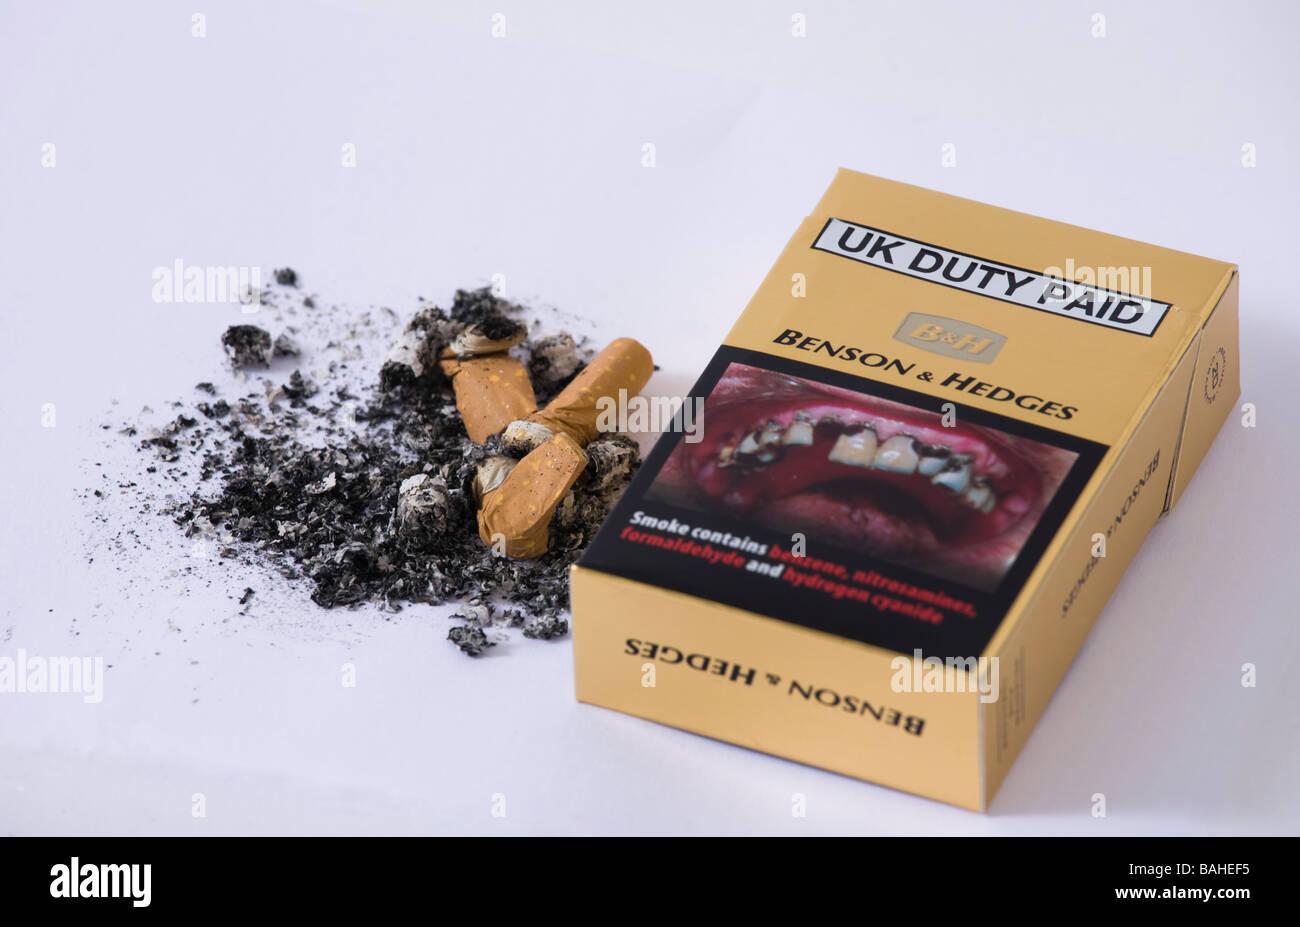 Price of Benson Hedges cigarettes in Denver